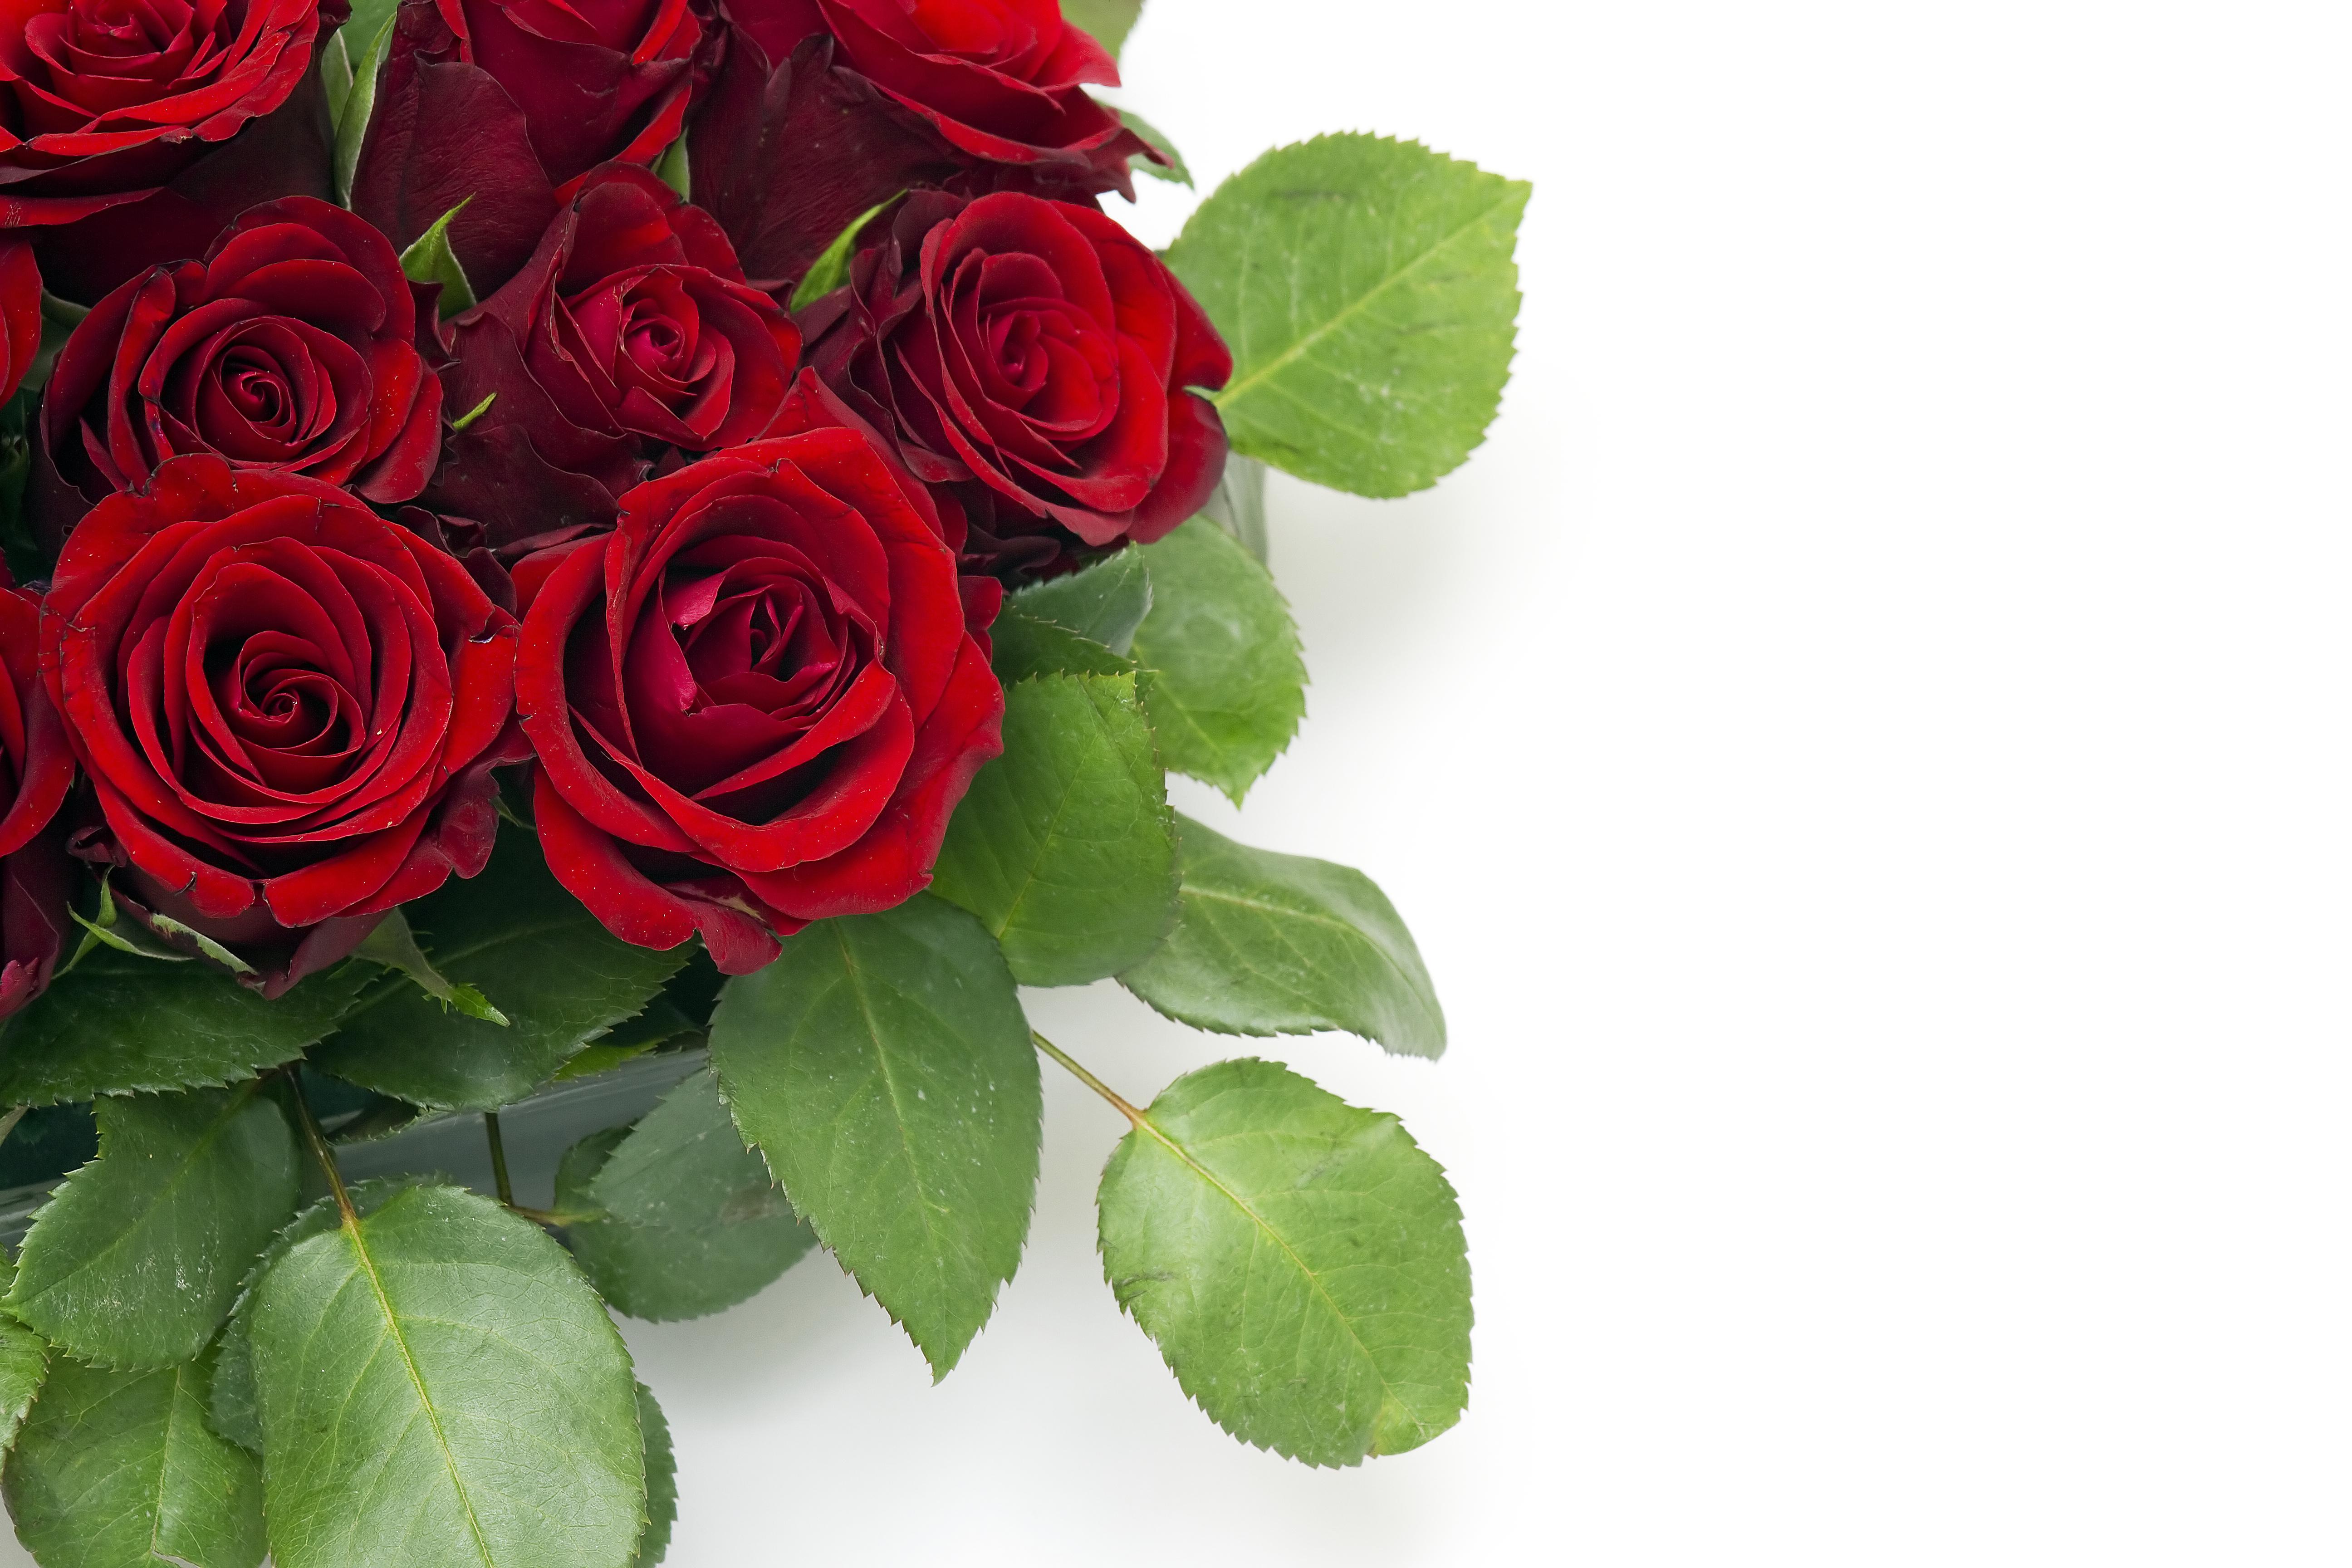 каждой цветы для поздравления сотрудникам люди, рекламу которых